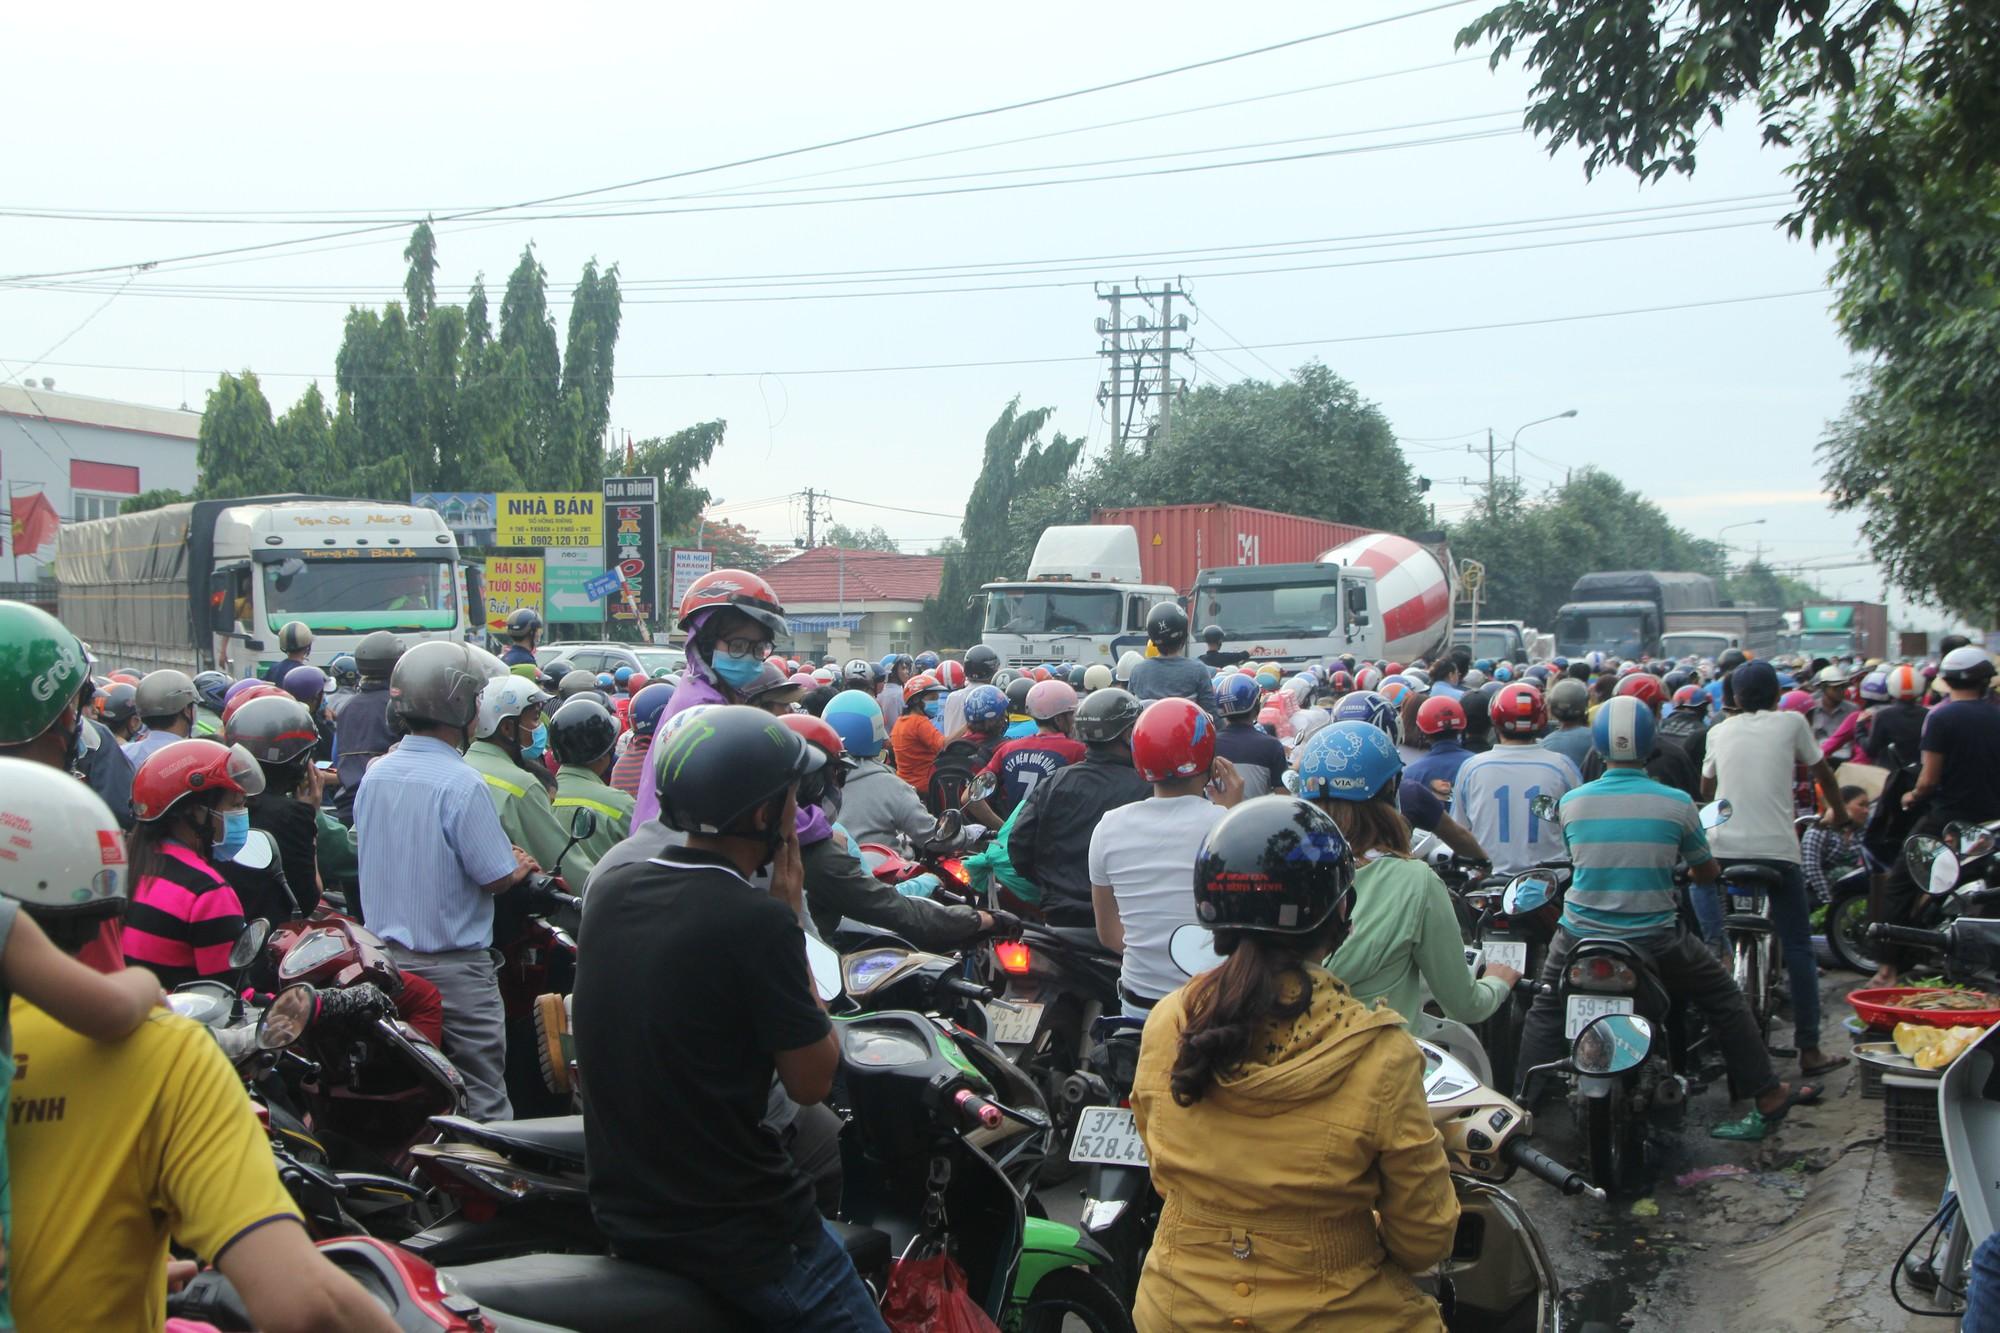 Hàng trăm phương tiện chôn chân trên đường, giao thông tê liệt - Ảnh 1.